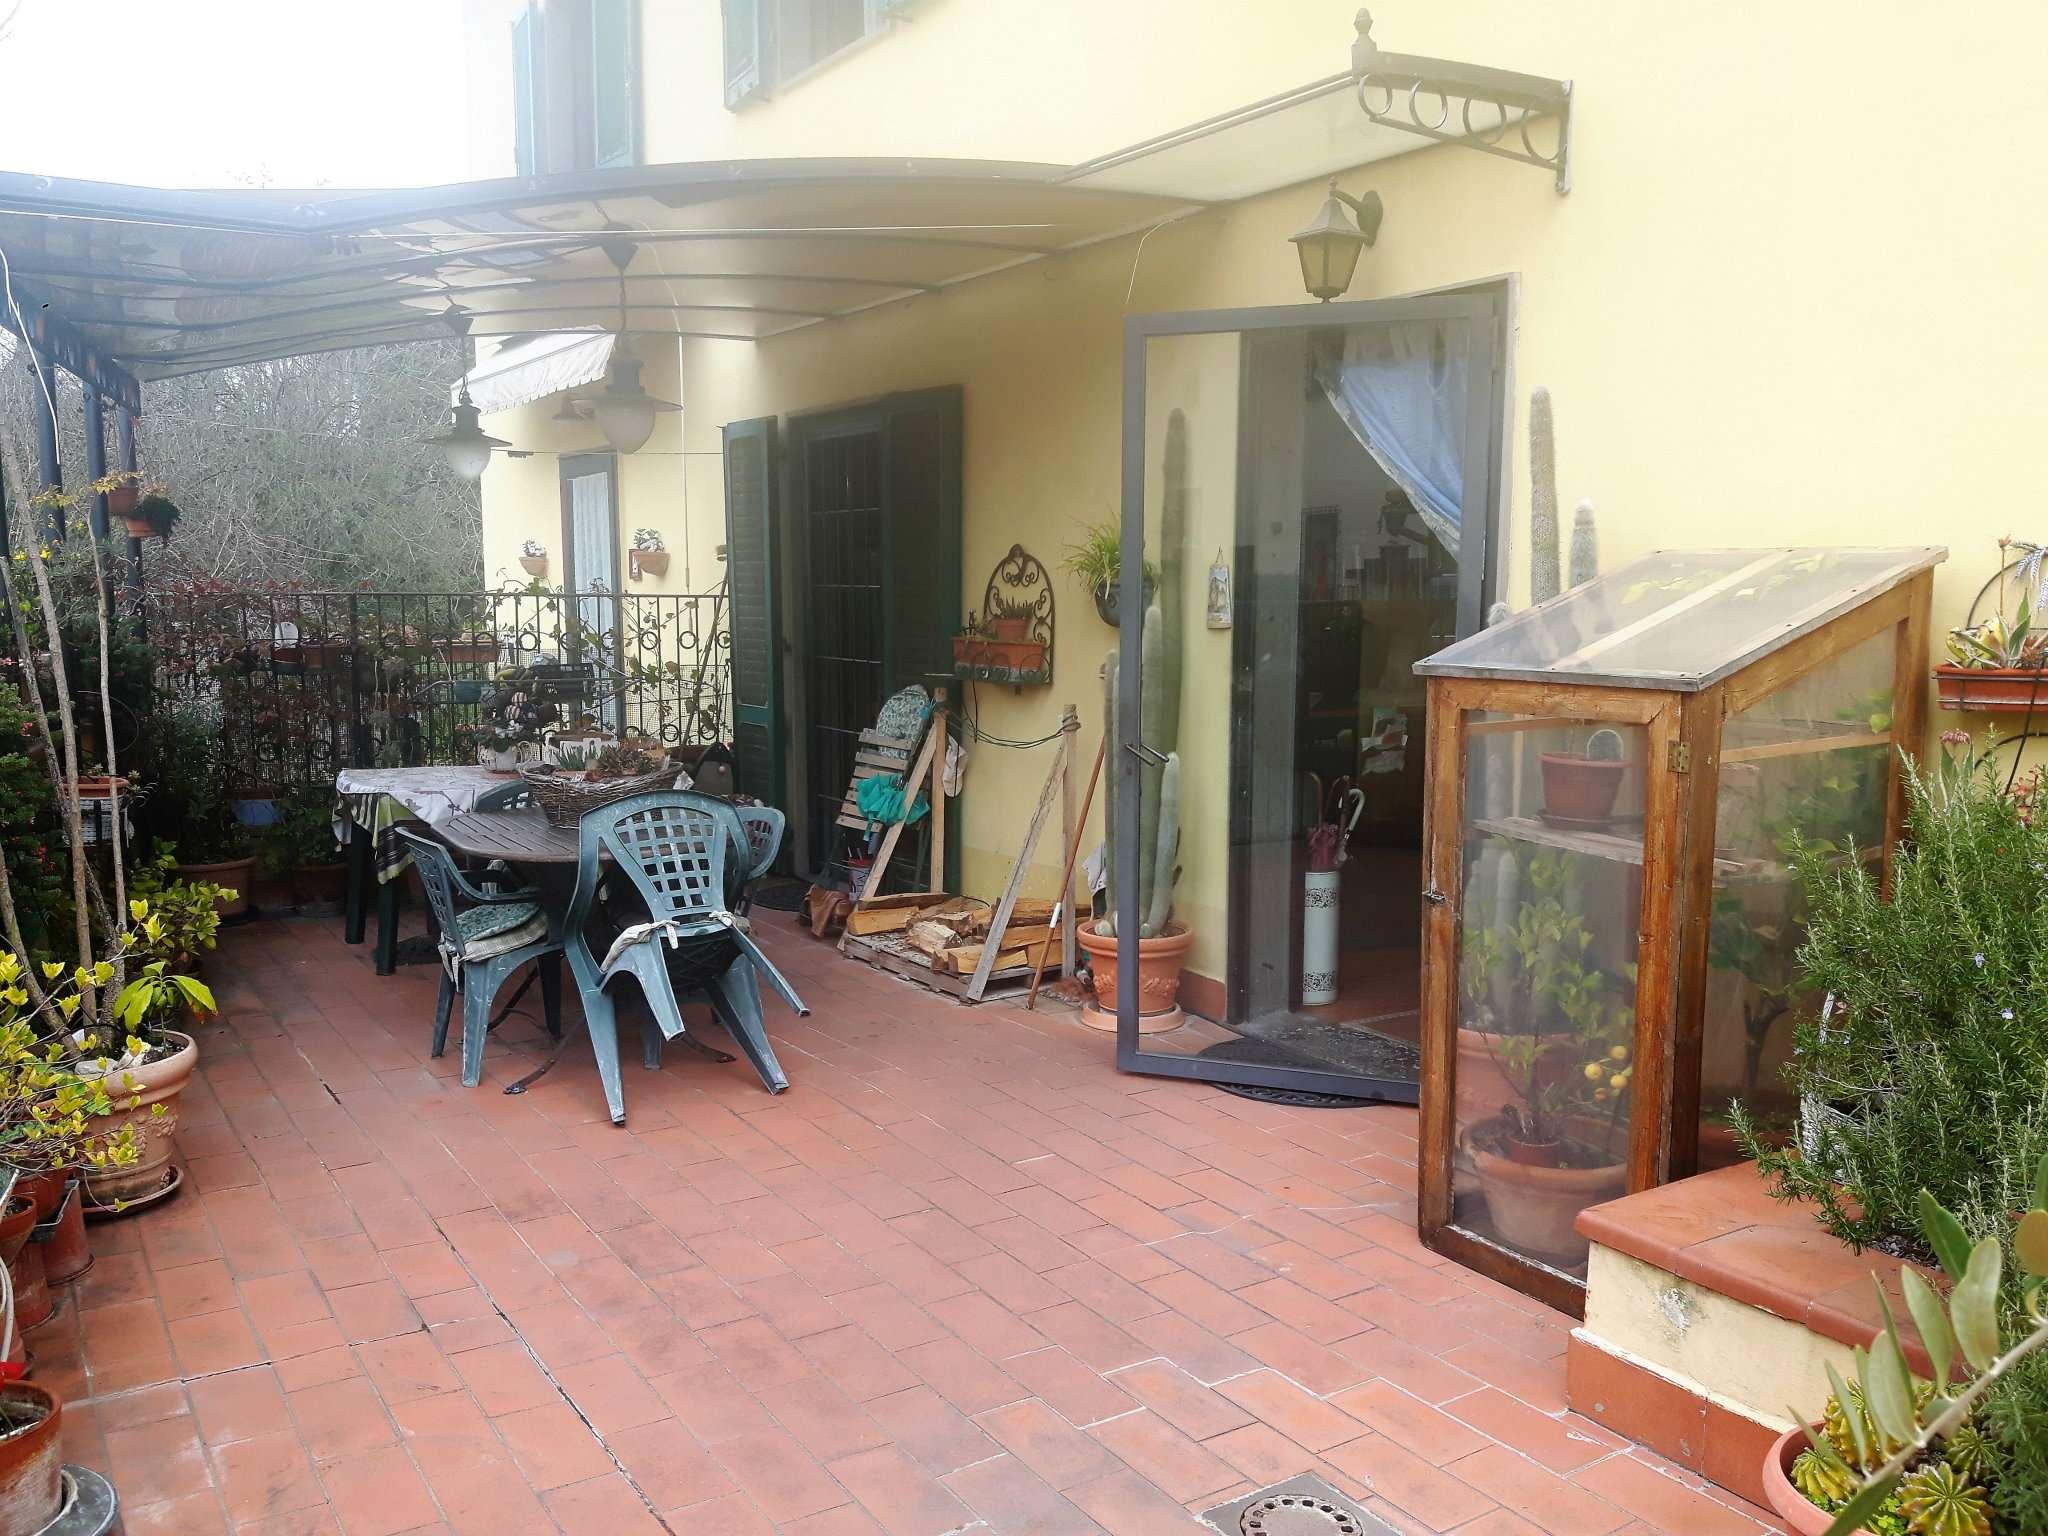 Palazzo / Stabile in vendita a Signa, 7 locali, prezzo € 320.000 | CambioCasa.it